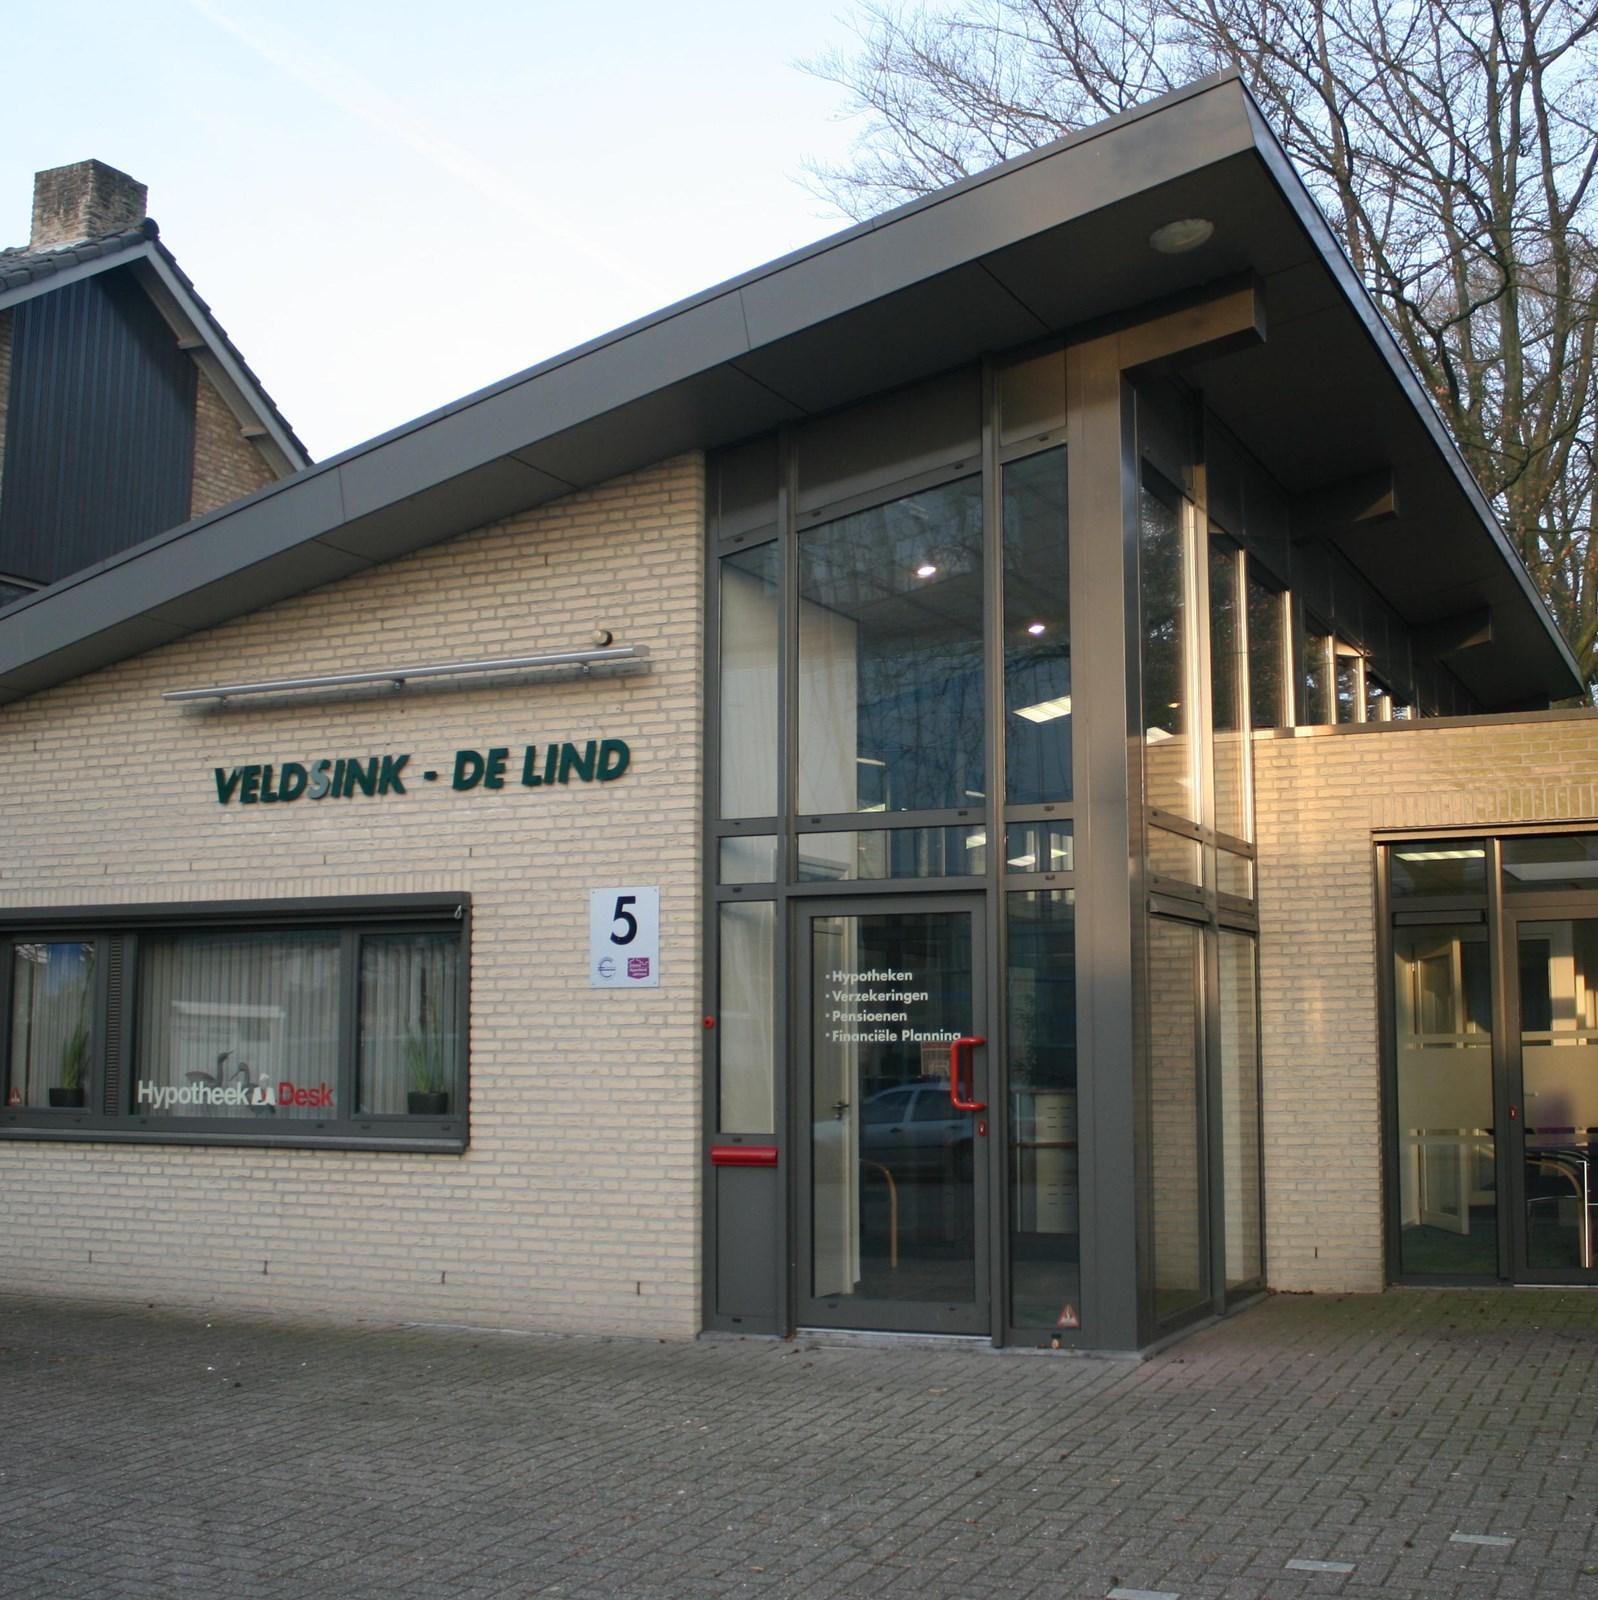 Foto van Veldsink - De Lind